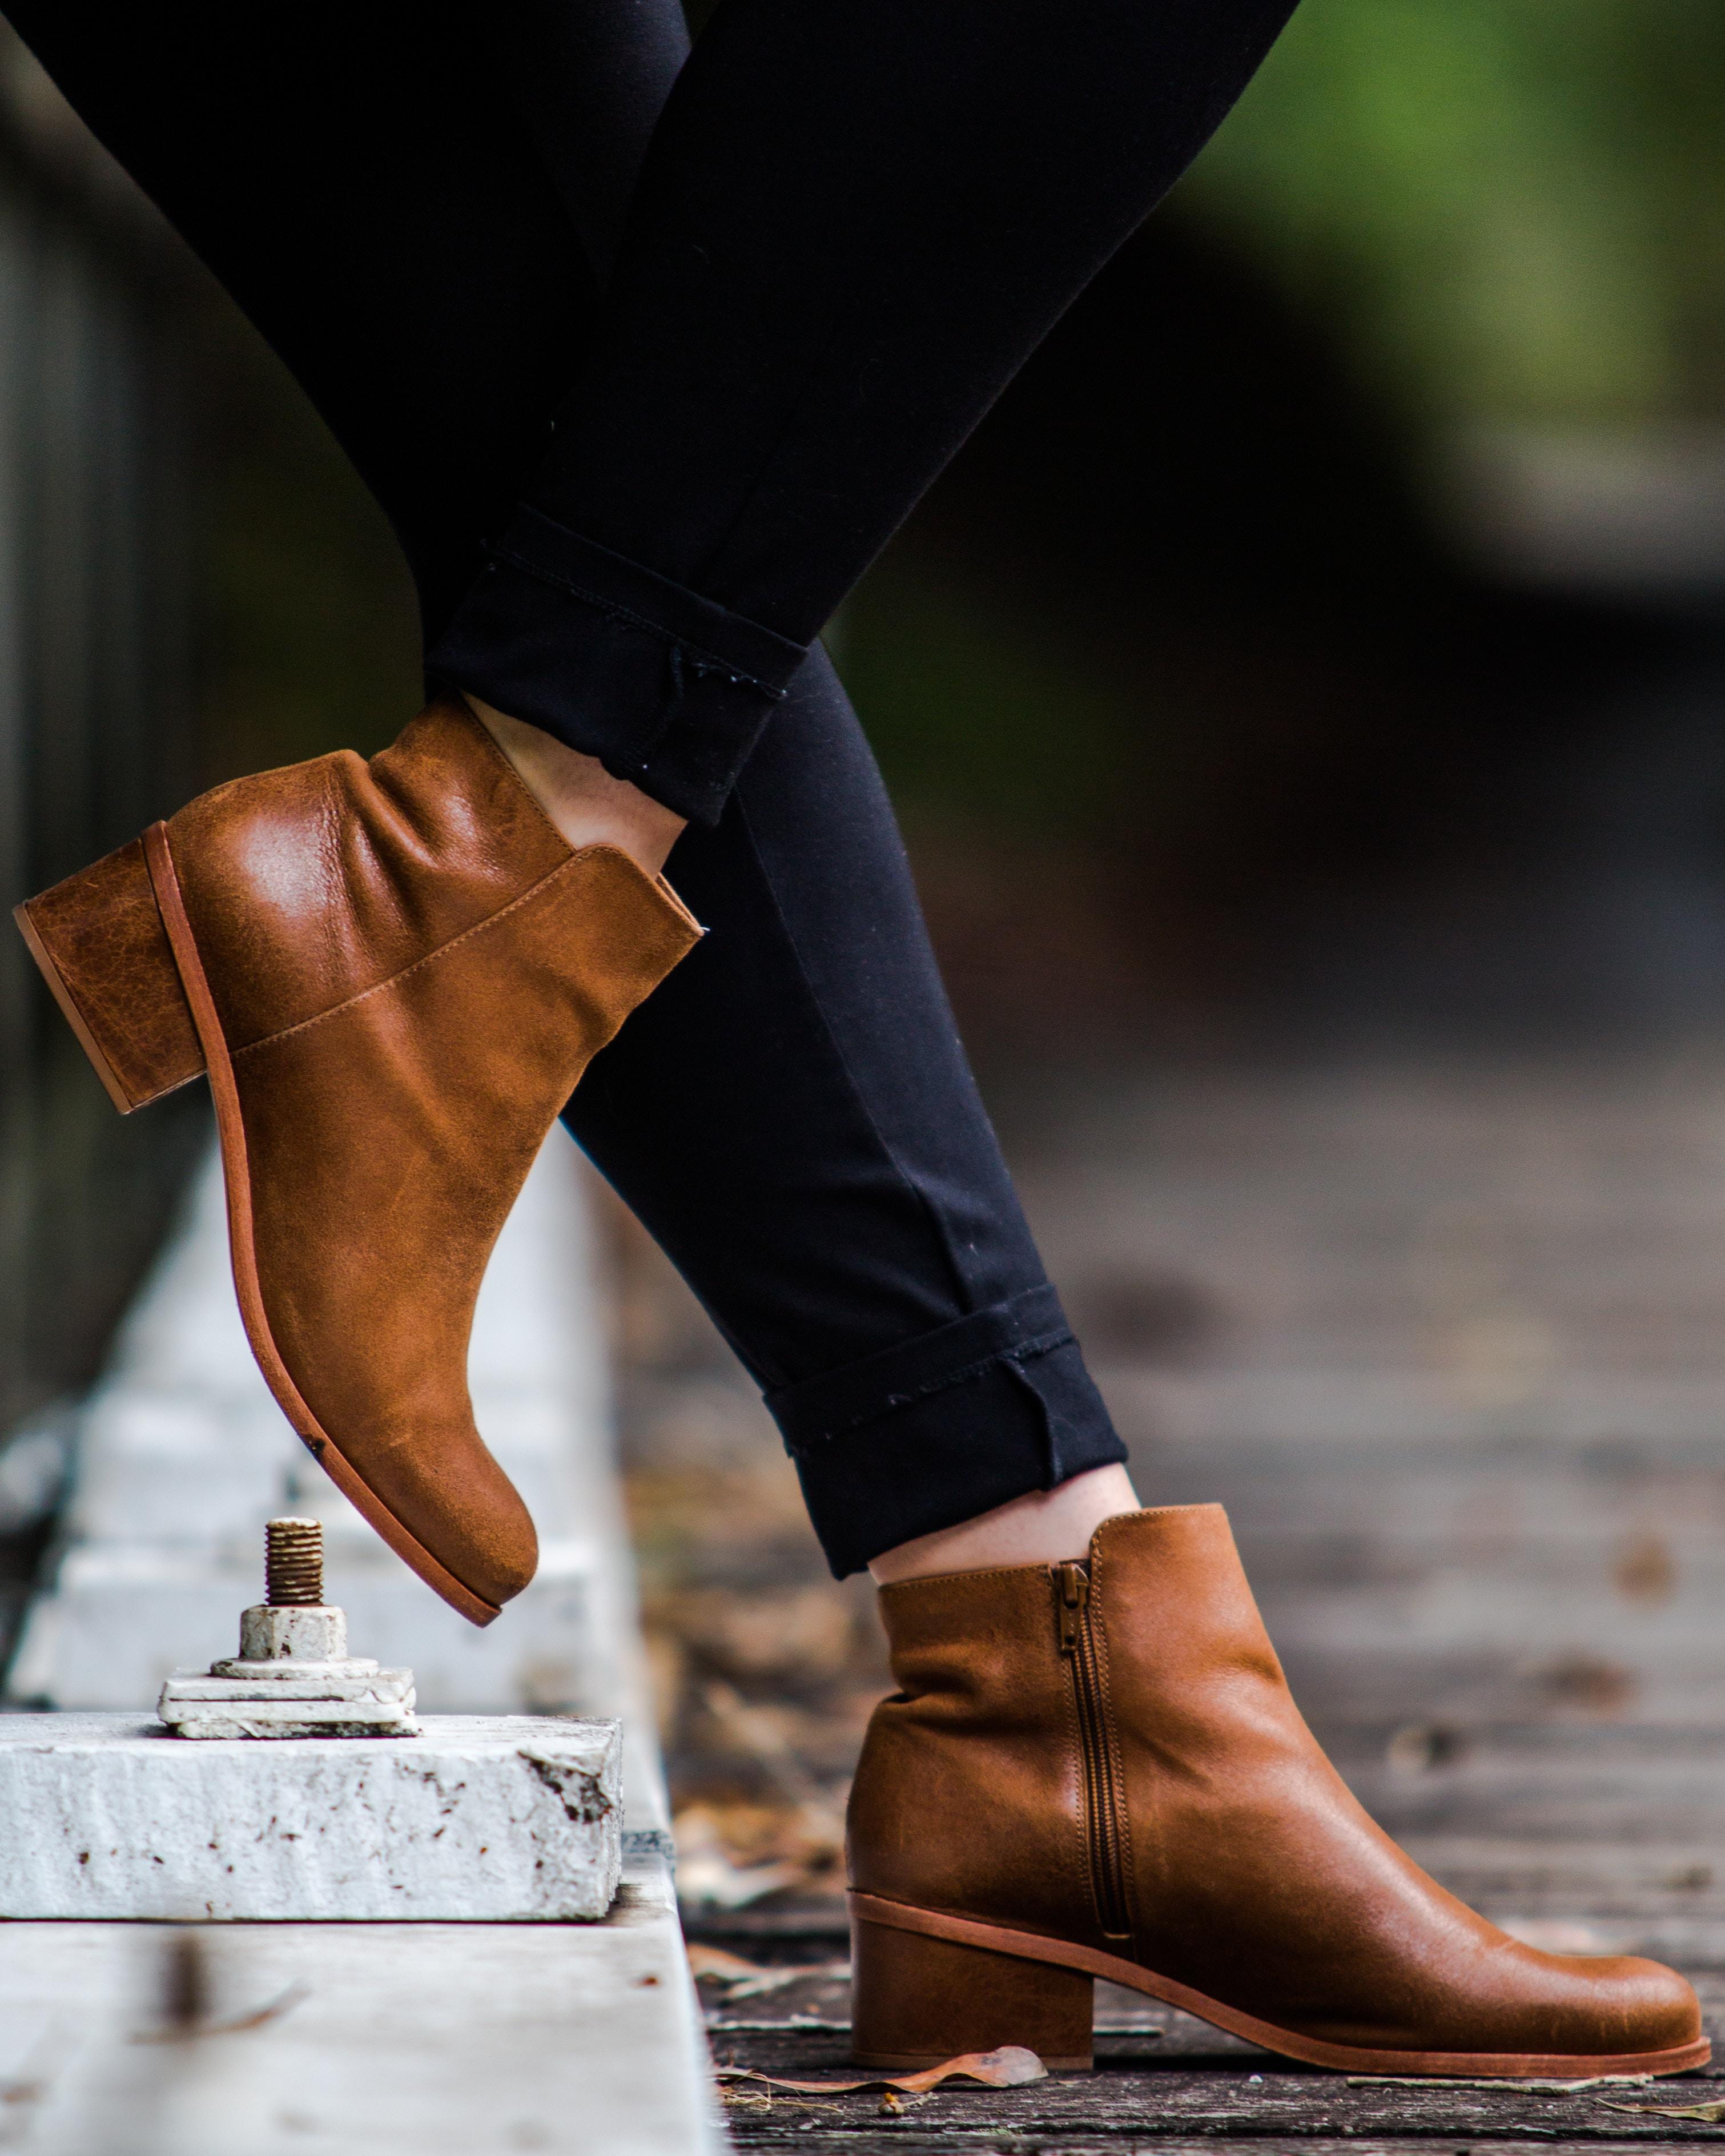 Køb sko fra Billi Bi i god kvalitet og flotte Nome sko til gode priser her